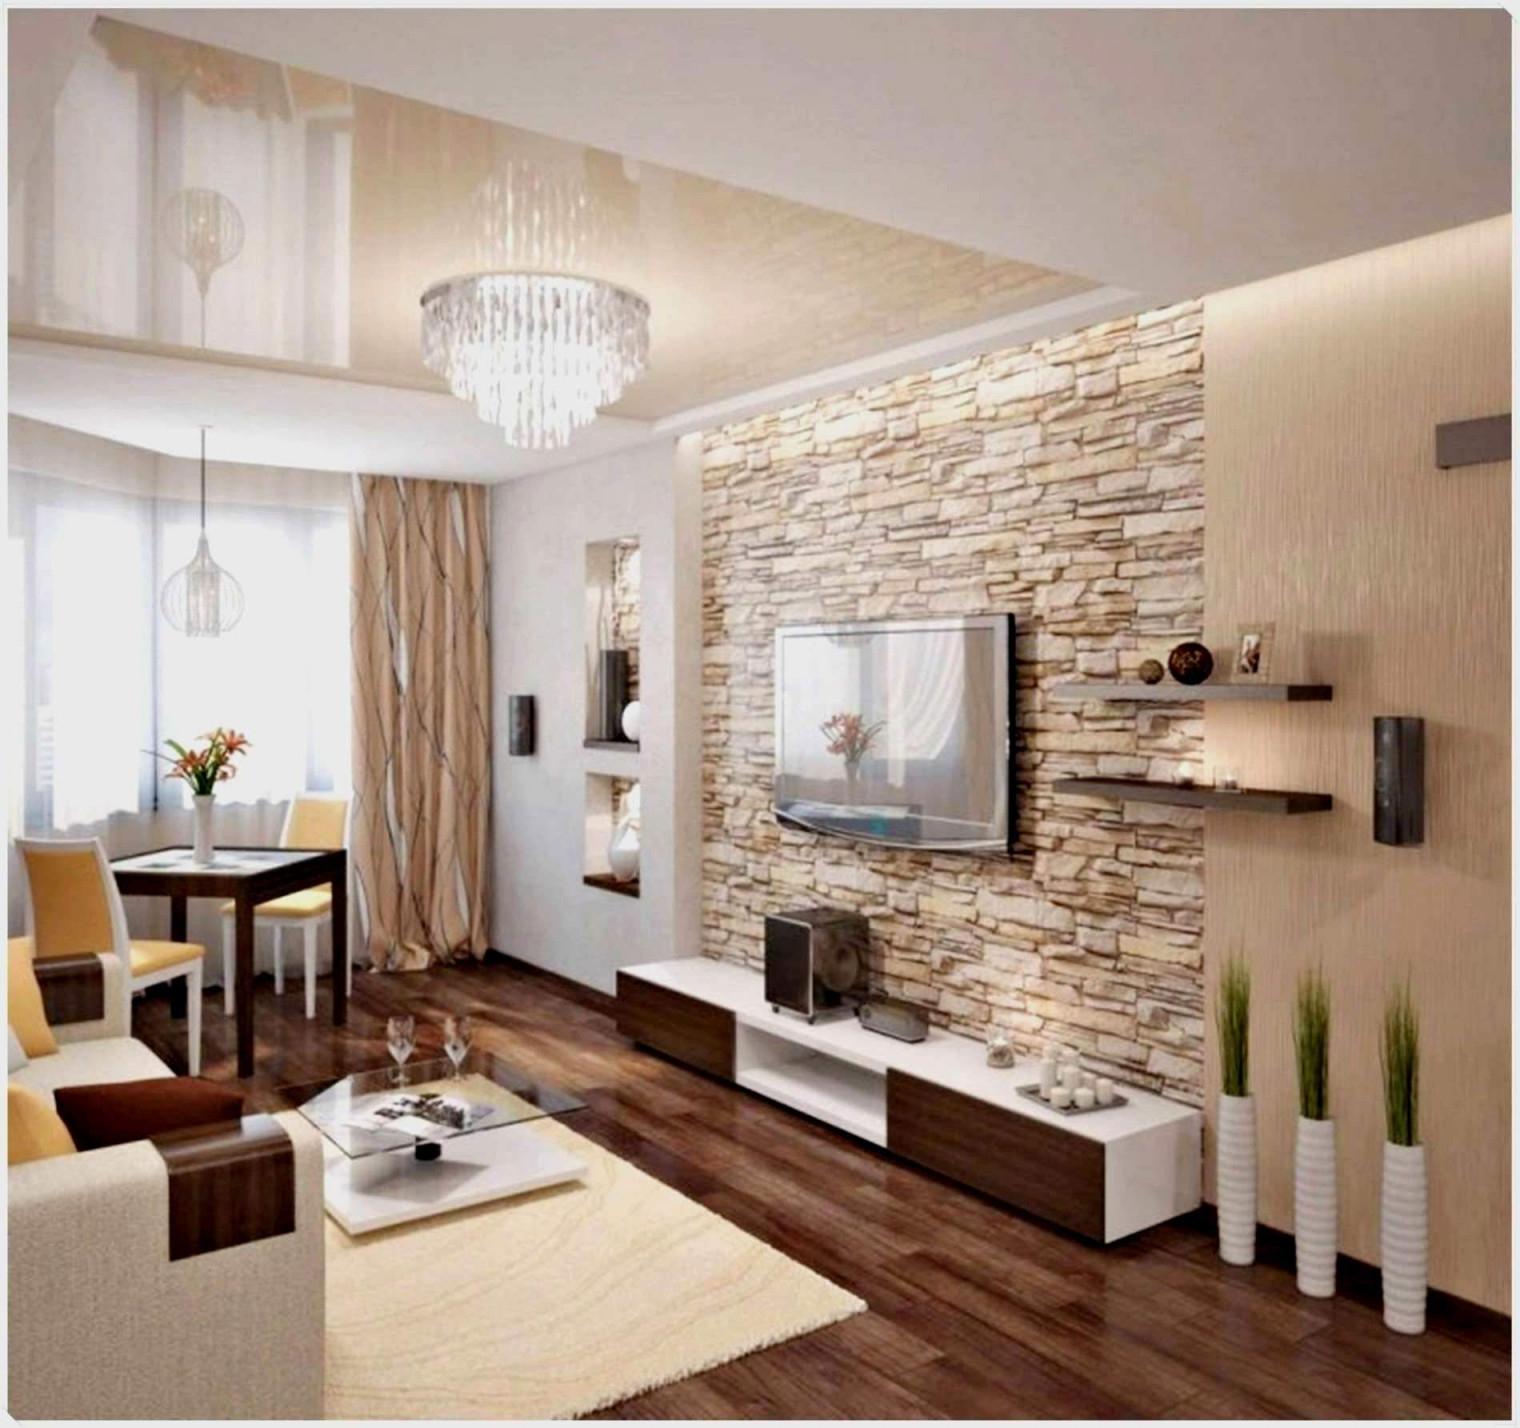 Moderne Deko Wohnzimmer Neu Elegant Dekoartikel Wohnzimmer von Moderne Deko Für Wohnzimmer Bild